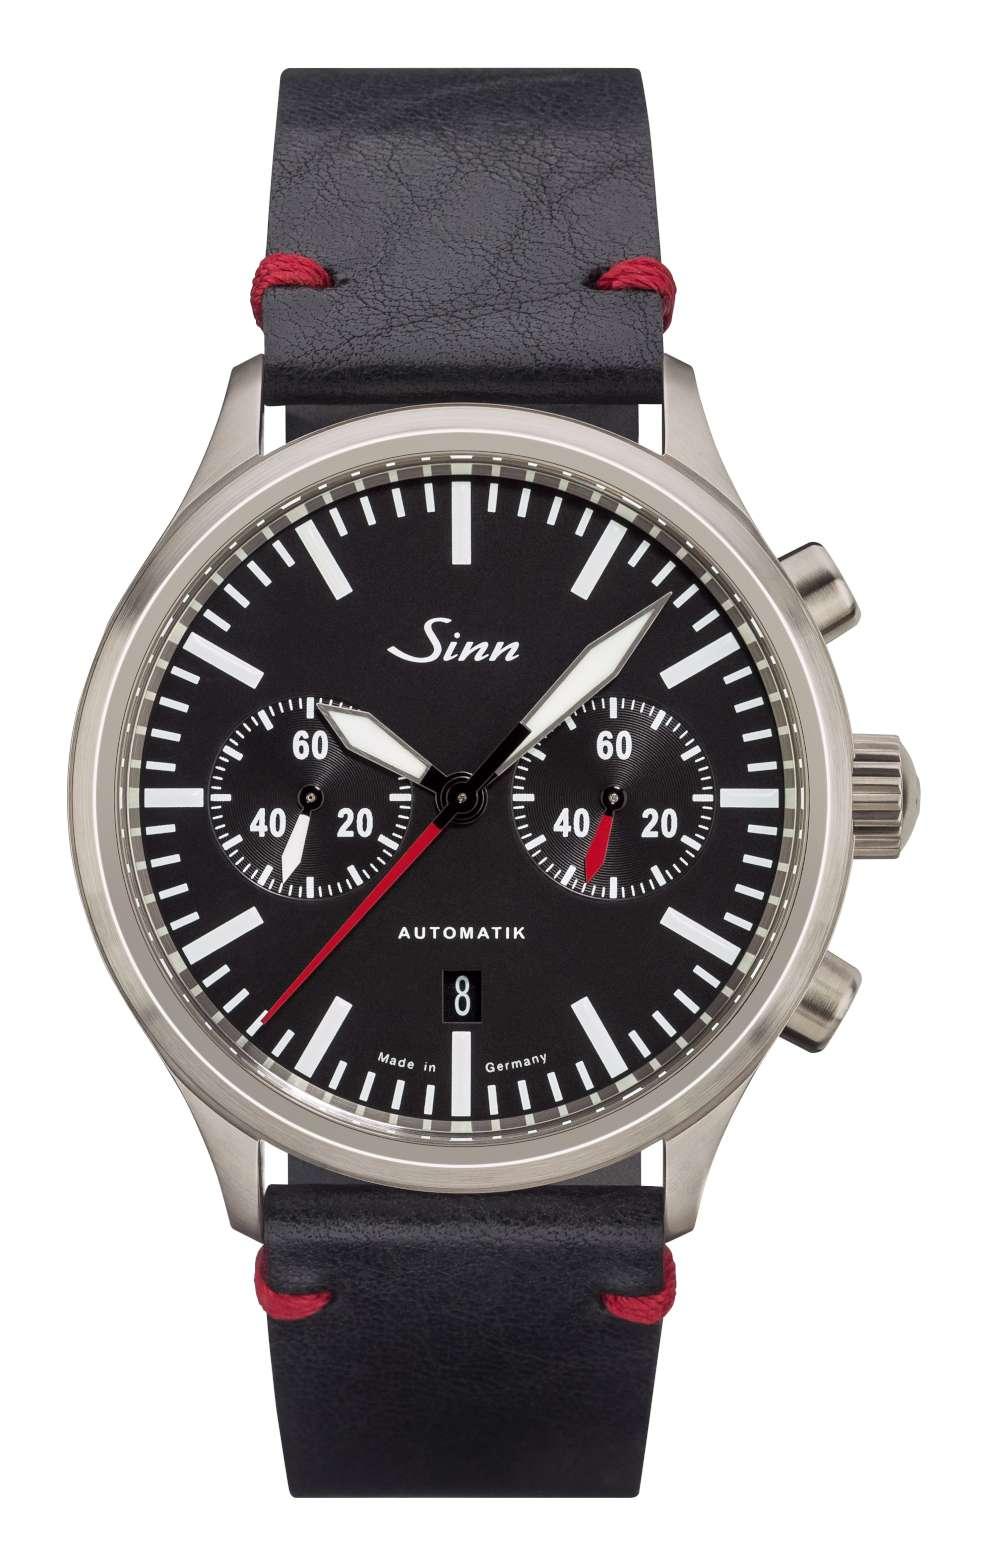 Sinn 936 chronograph